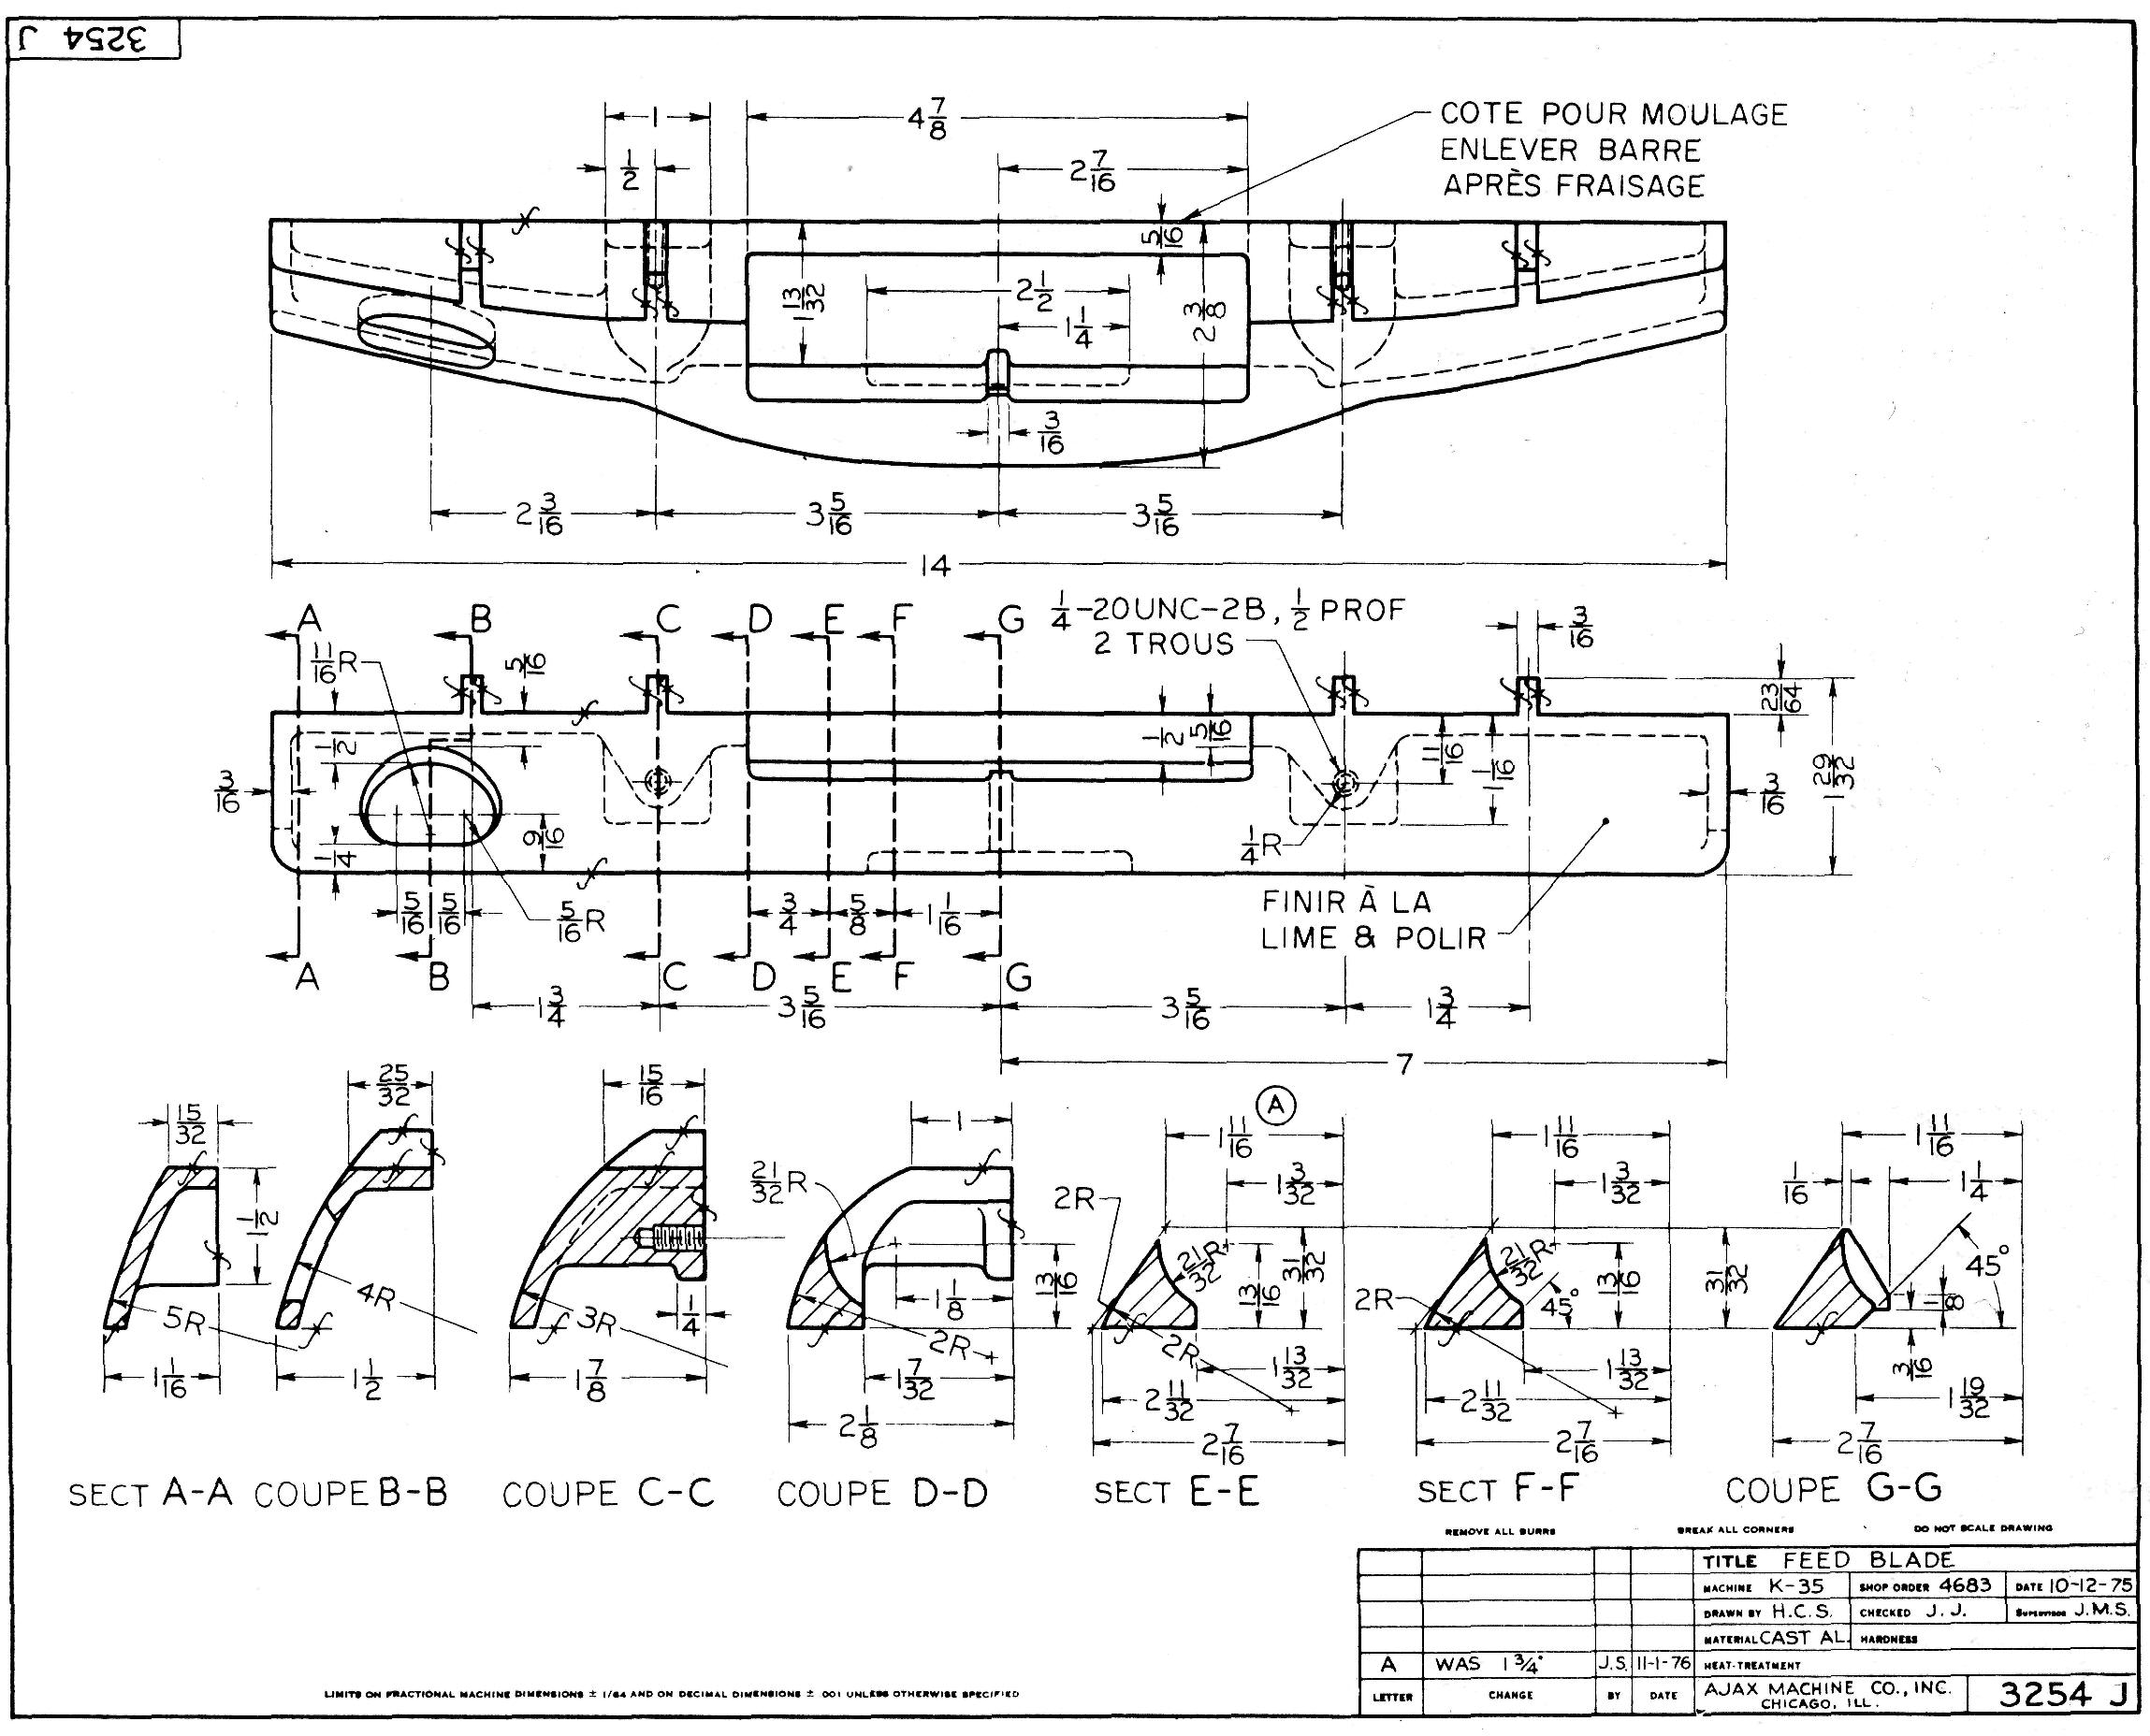 Coupes compl tes - Coupe et section dessin technique ...